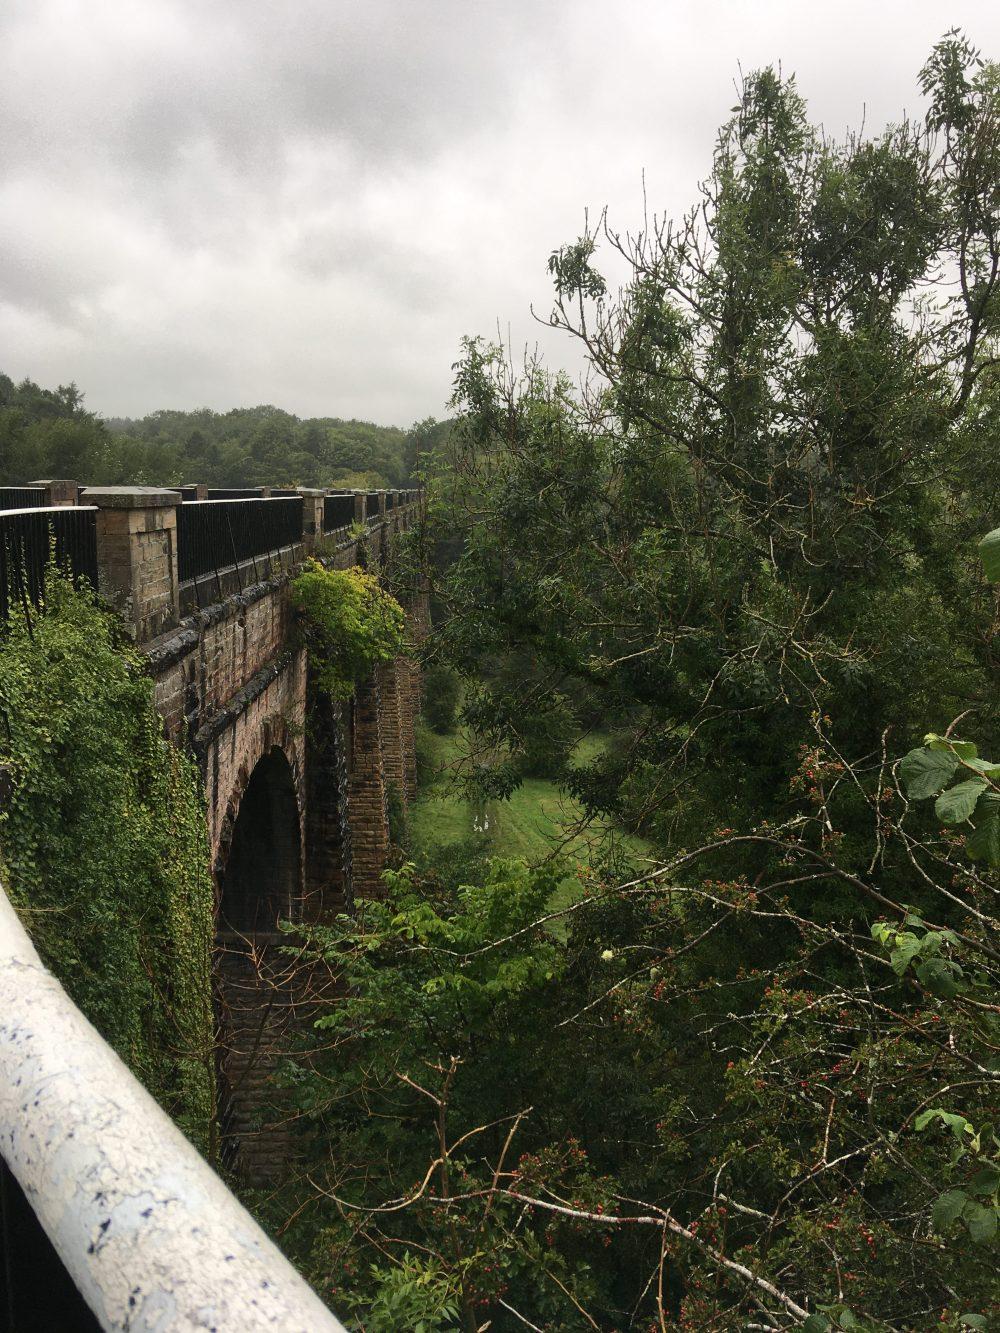 651 Avon Aqueduct